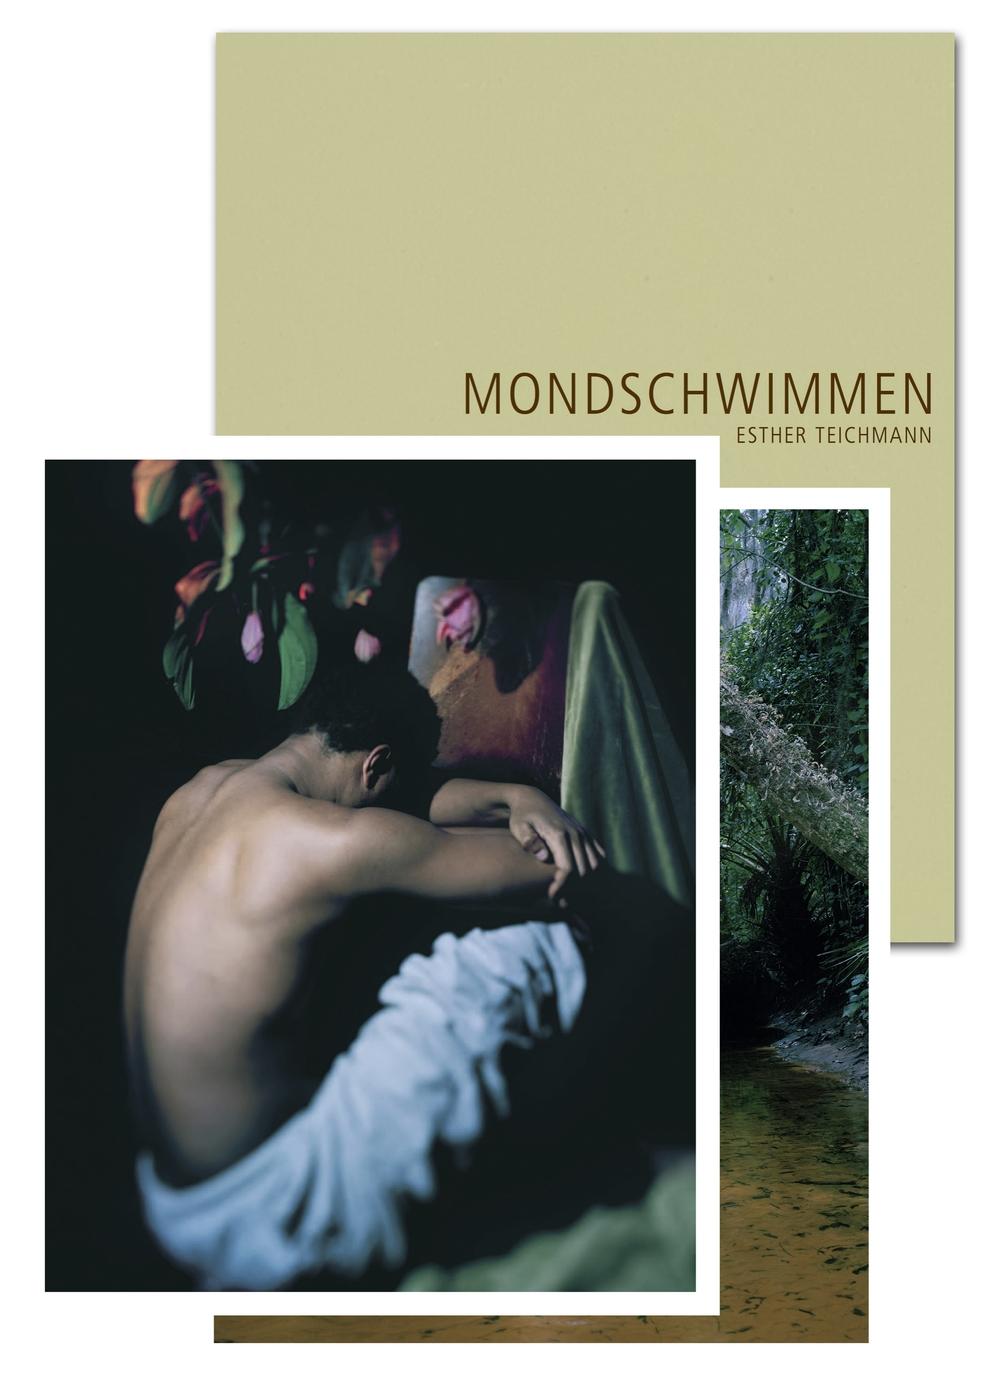 MONDSCHWIMMEN Esther Teichmann Edition 1, 2015 signiert, mit zwei analogenC-Prints Letzte Exemplare der Auflage! Mit jeder fünften verkauften Ausgabe steigt der Preis.